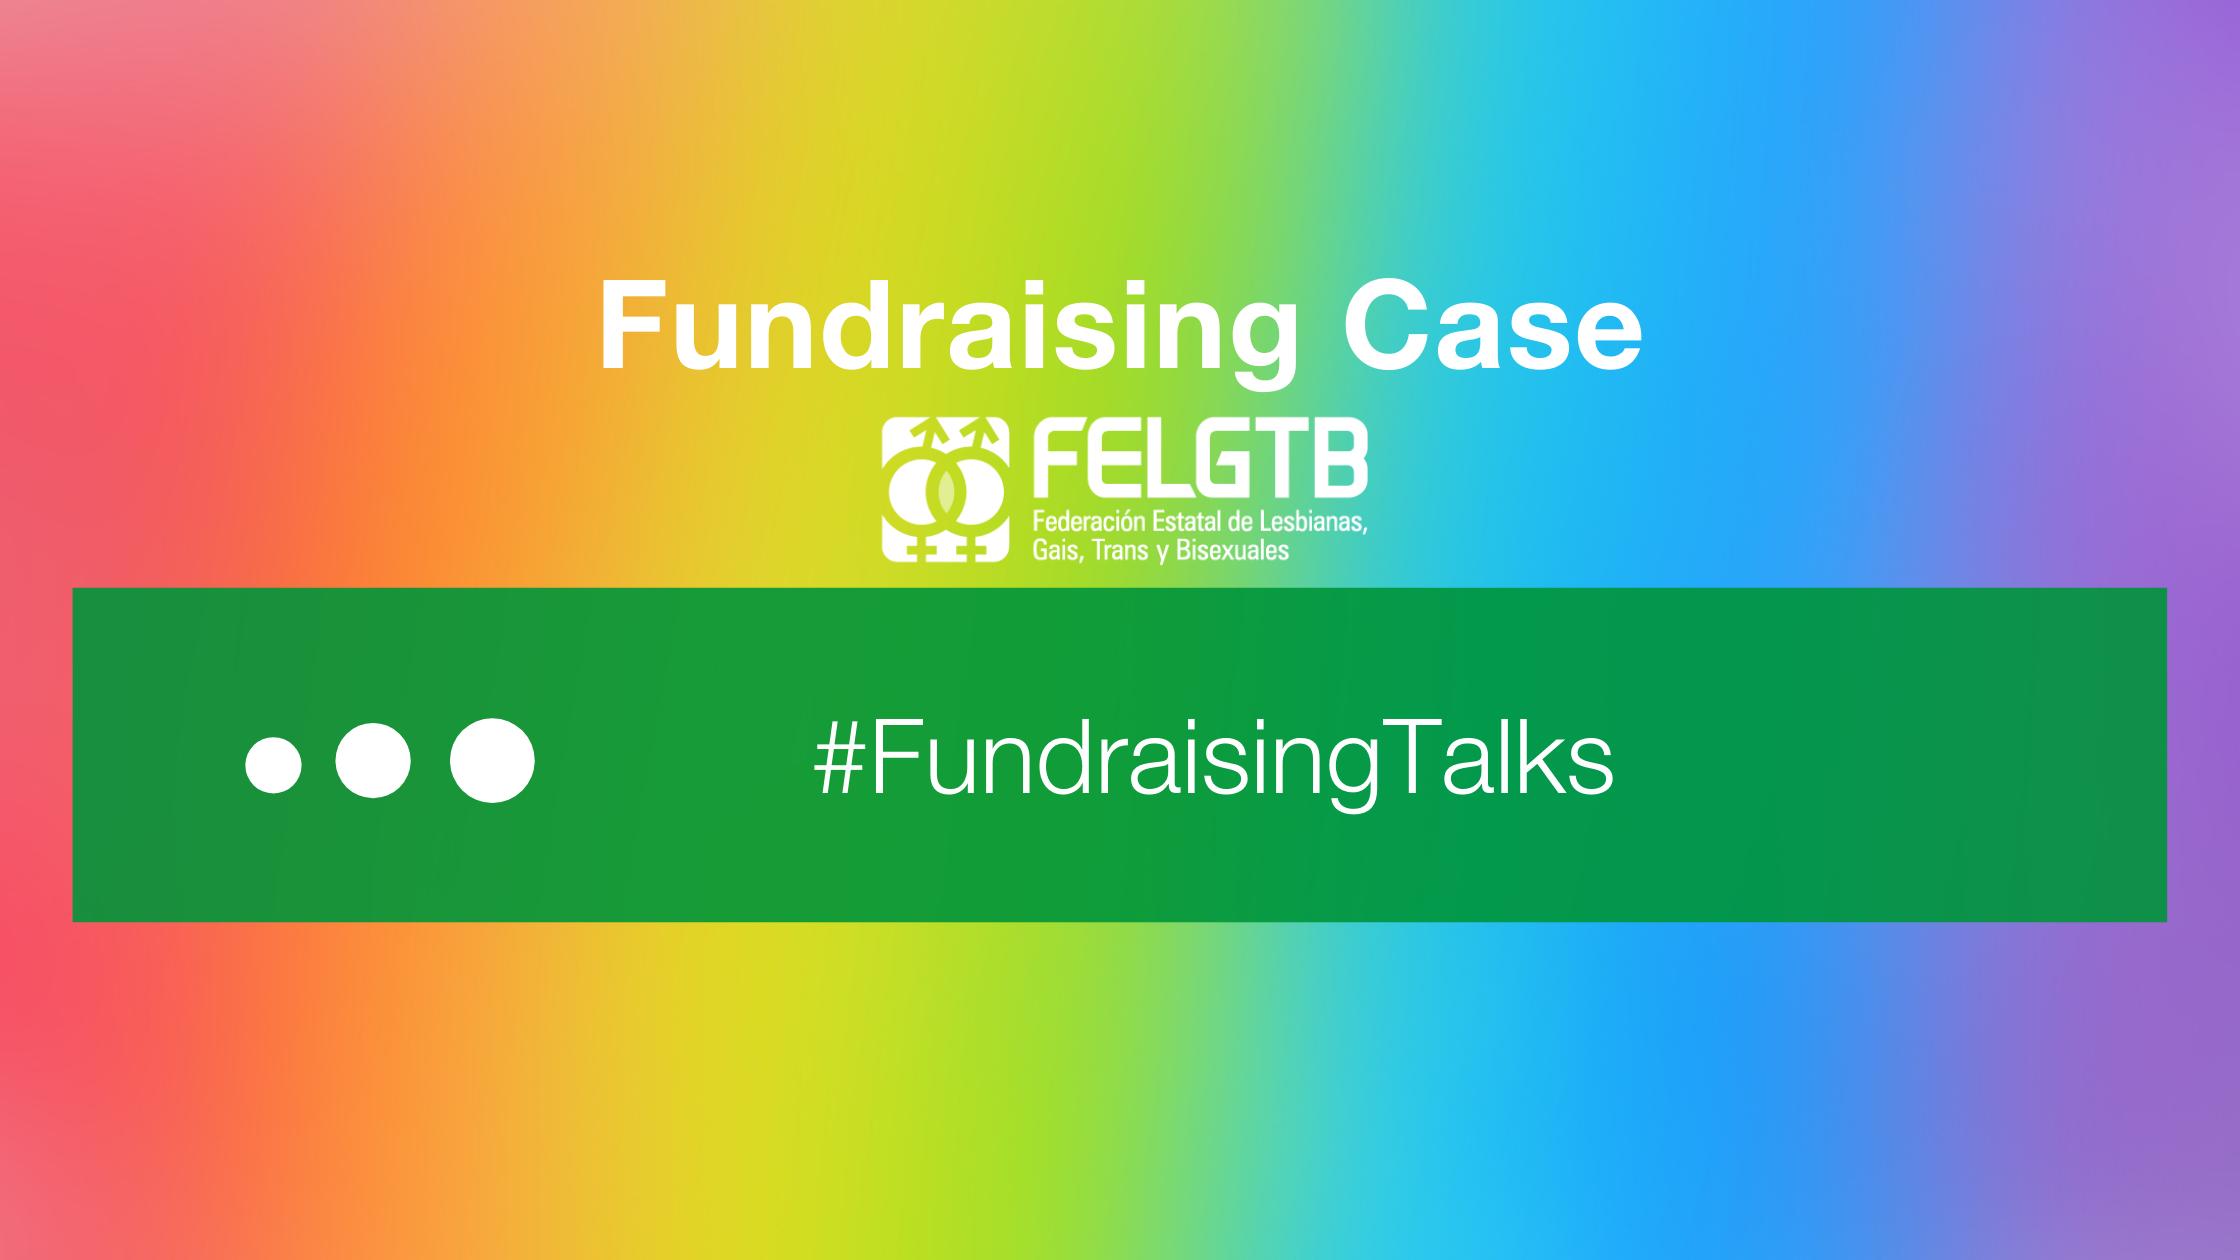 #FUNDTALKS- Fundraising Case de la Federación Estatal LGTB